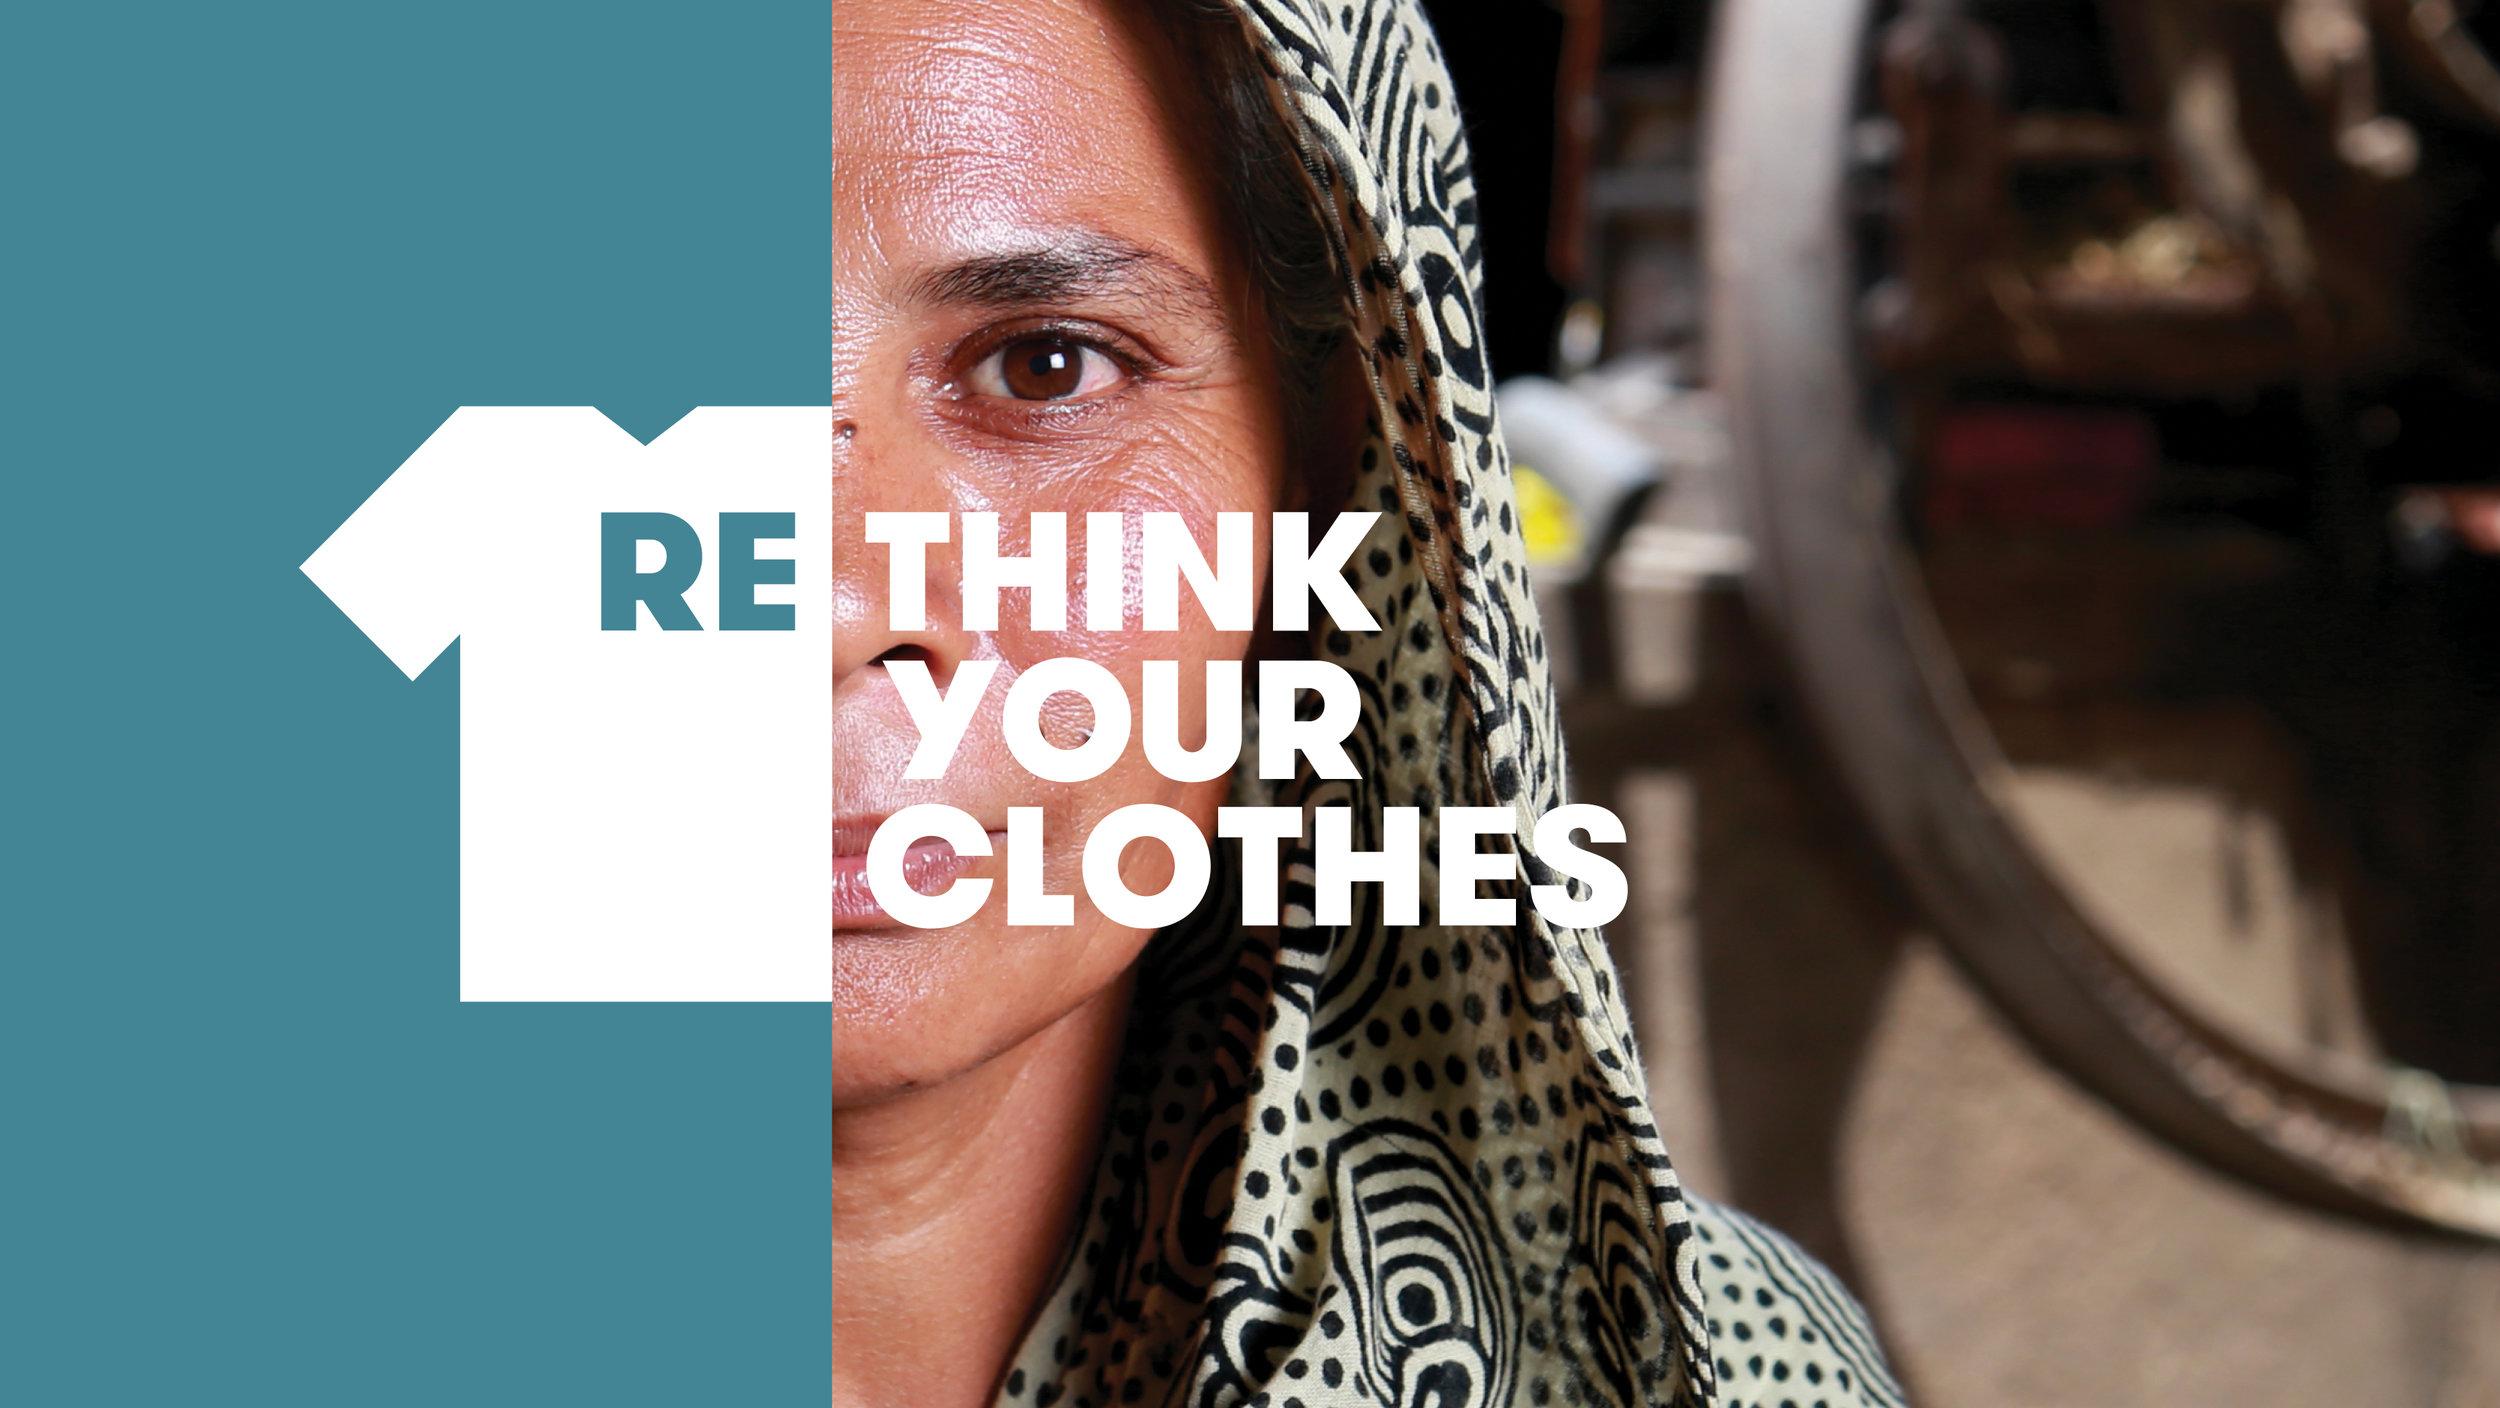 2018012678_Fairtrade_Ethique sur Etiquette_facebook_4.jpg